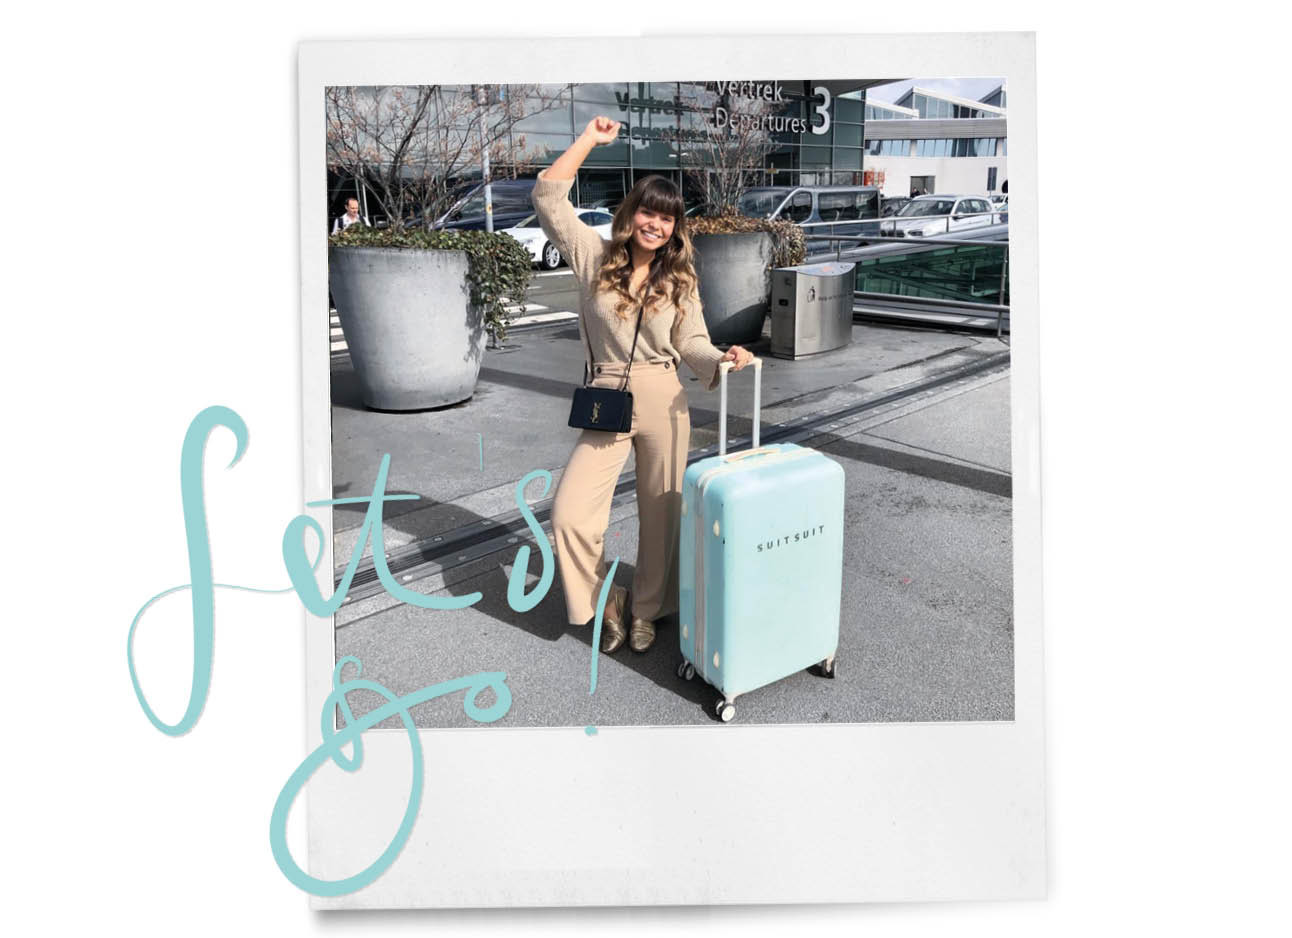 kiki duren lachend met een suitsuit koffer op schiphol